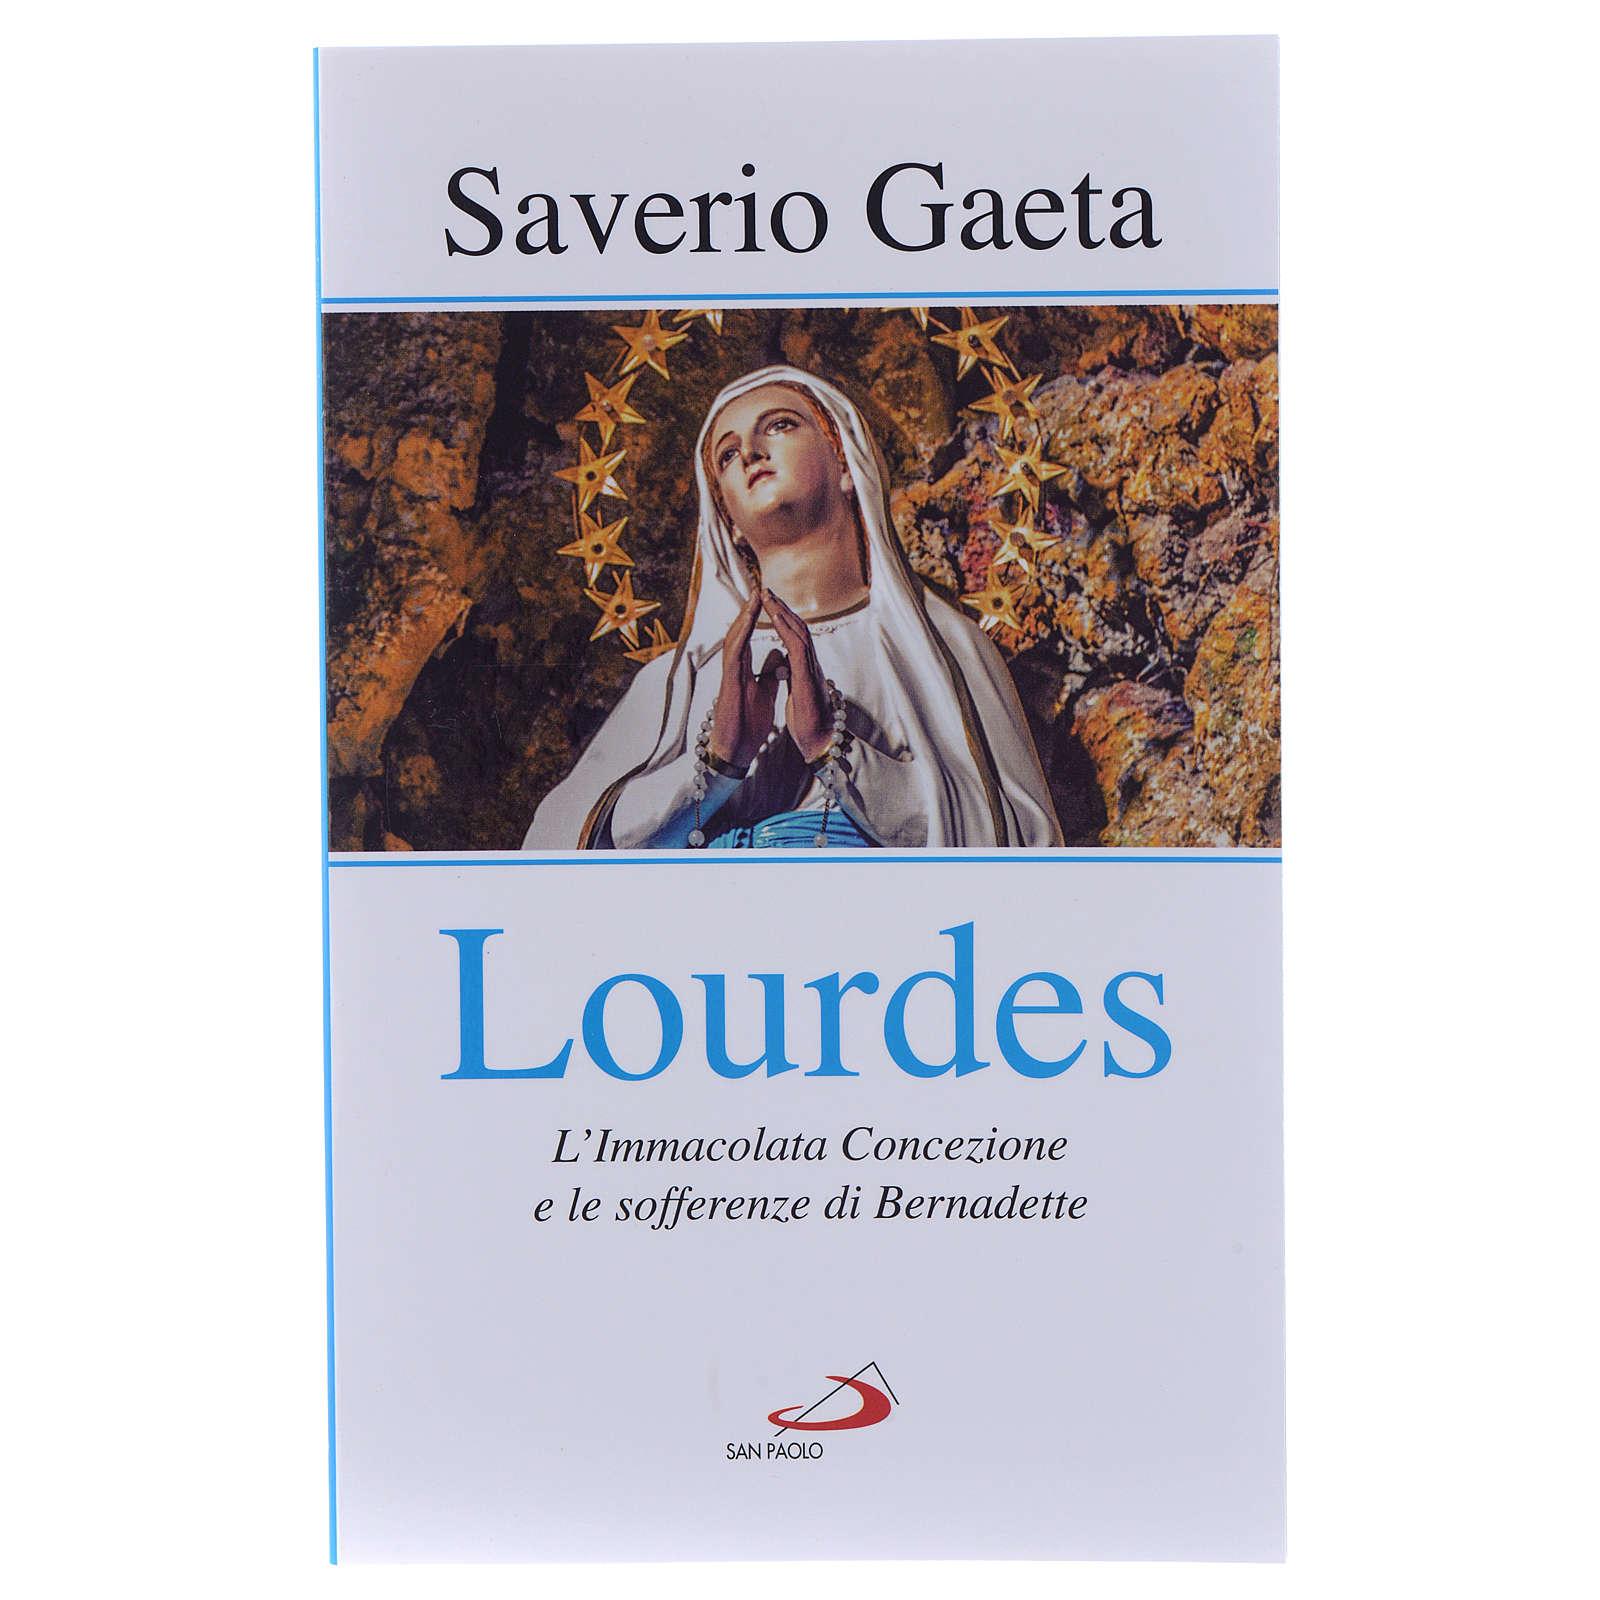 Lourdes - L'Immacolata Concezione e le sofferenze di Bernadette 3